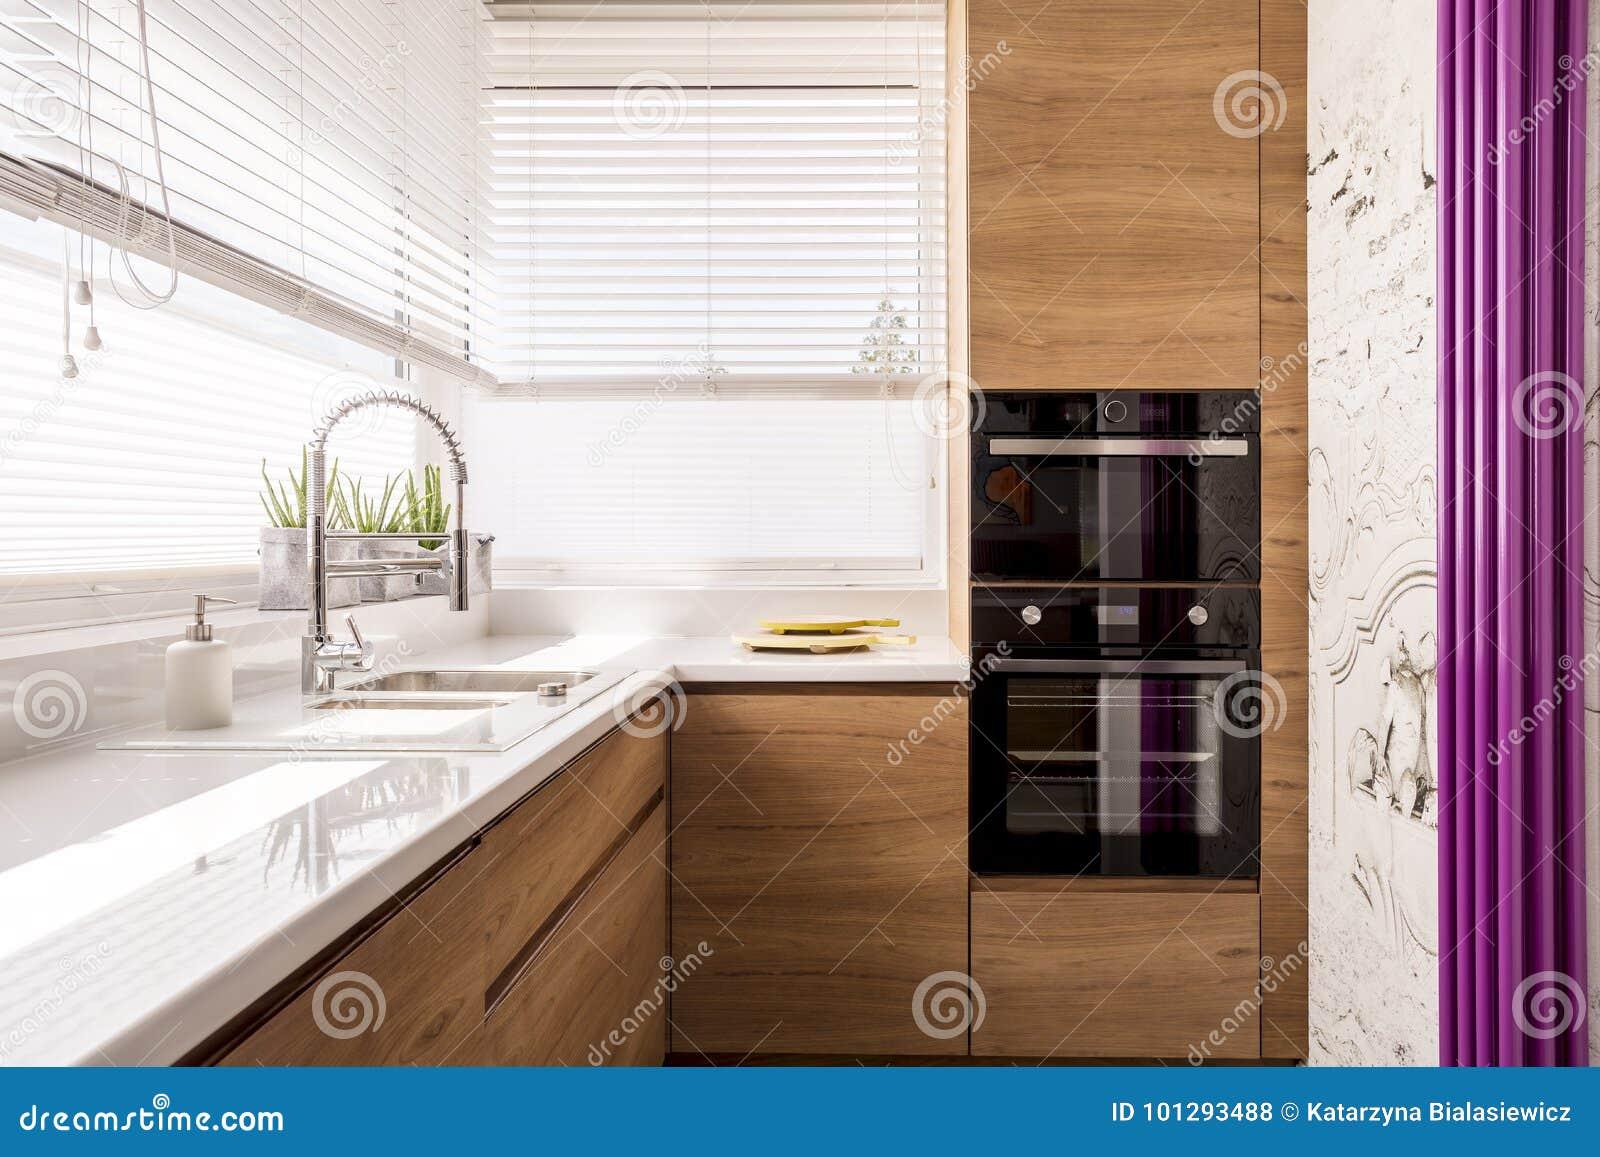 Cucina Moderna Con Gli Accenti Di Legno Fotografia Stock - Immagine ...